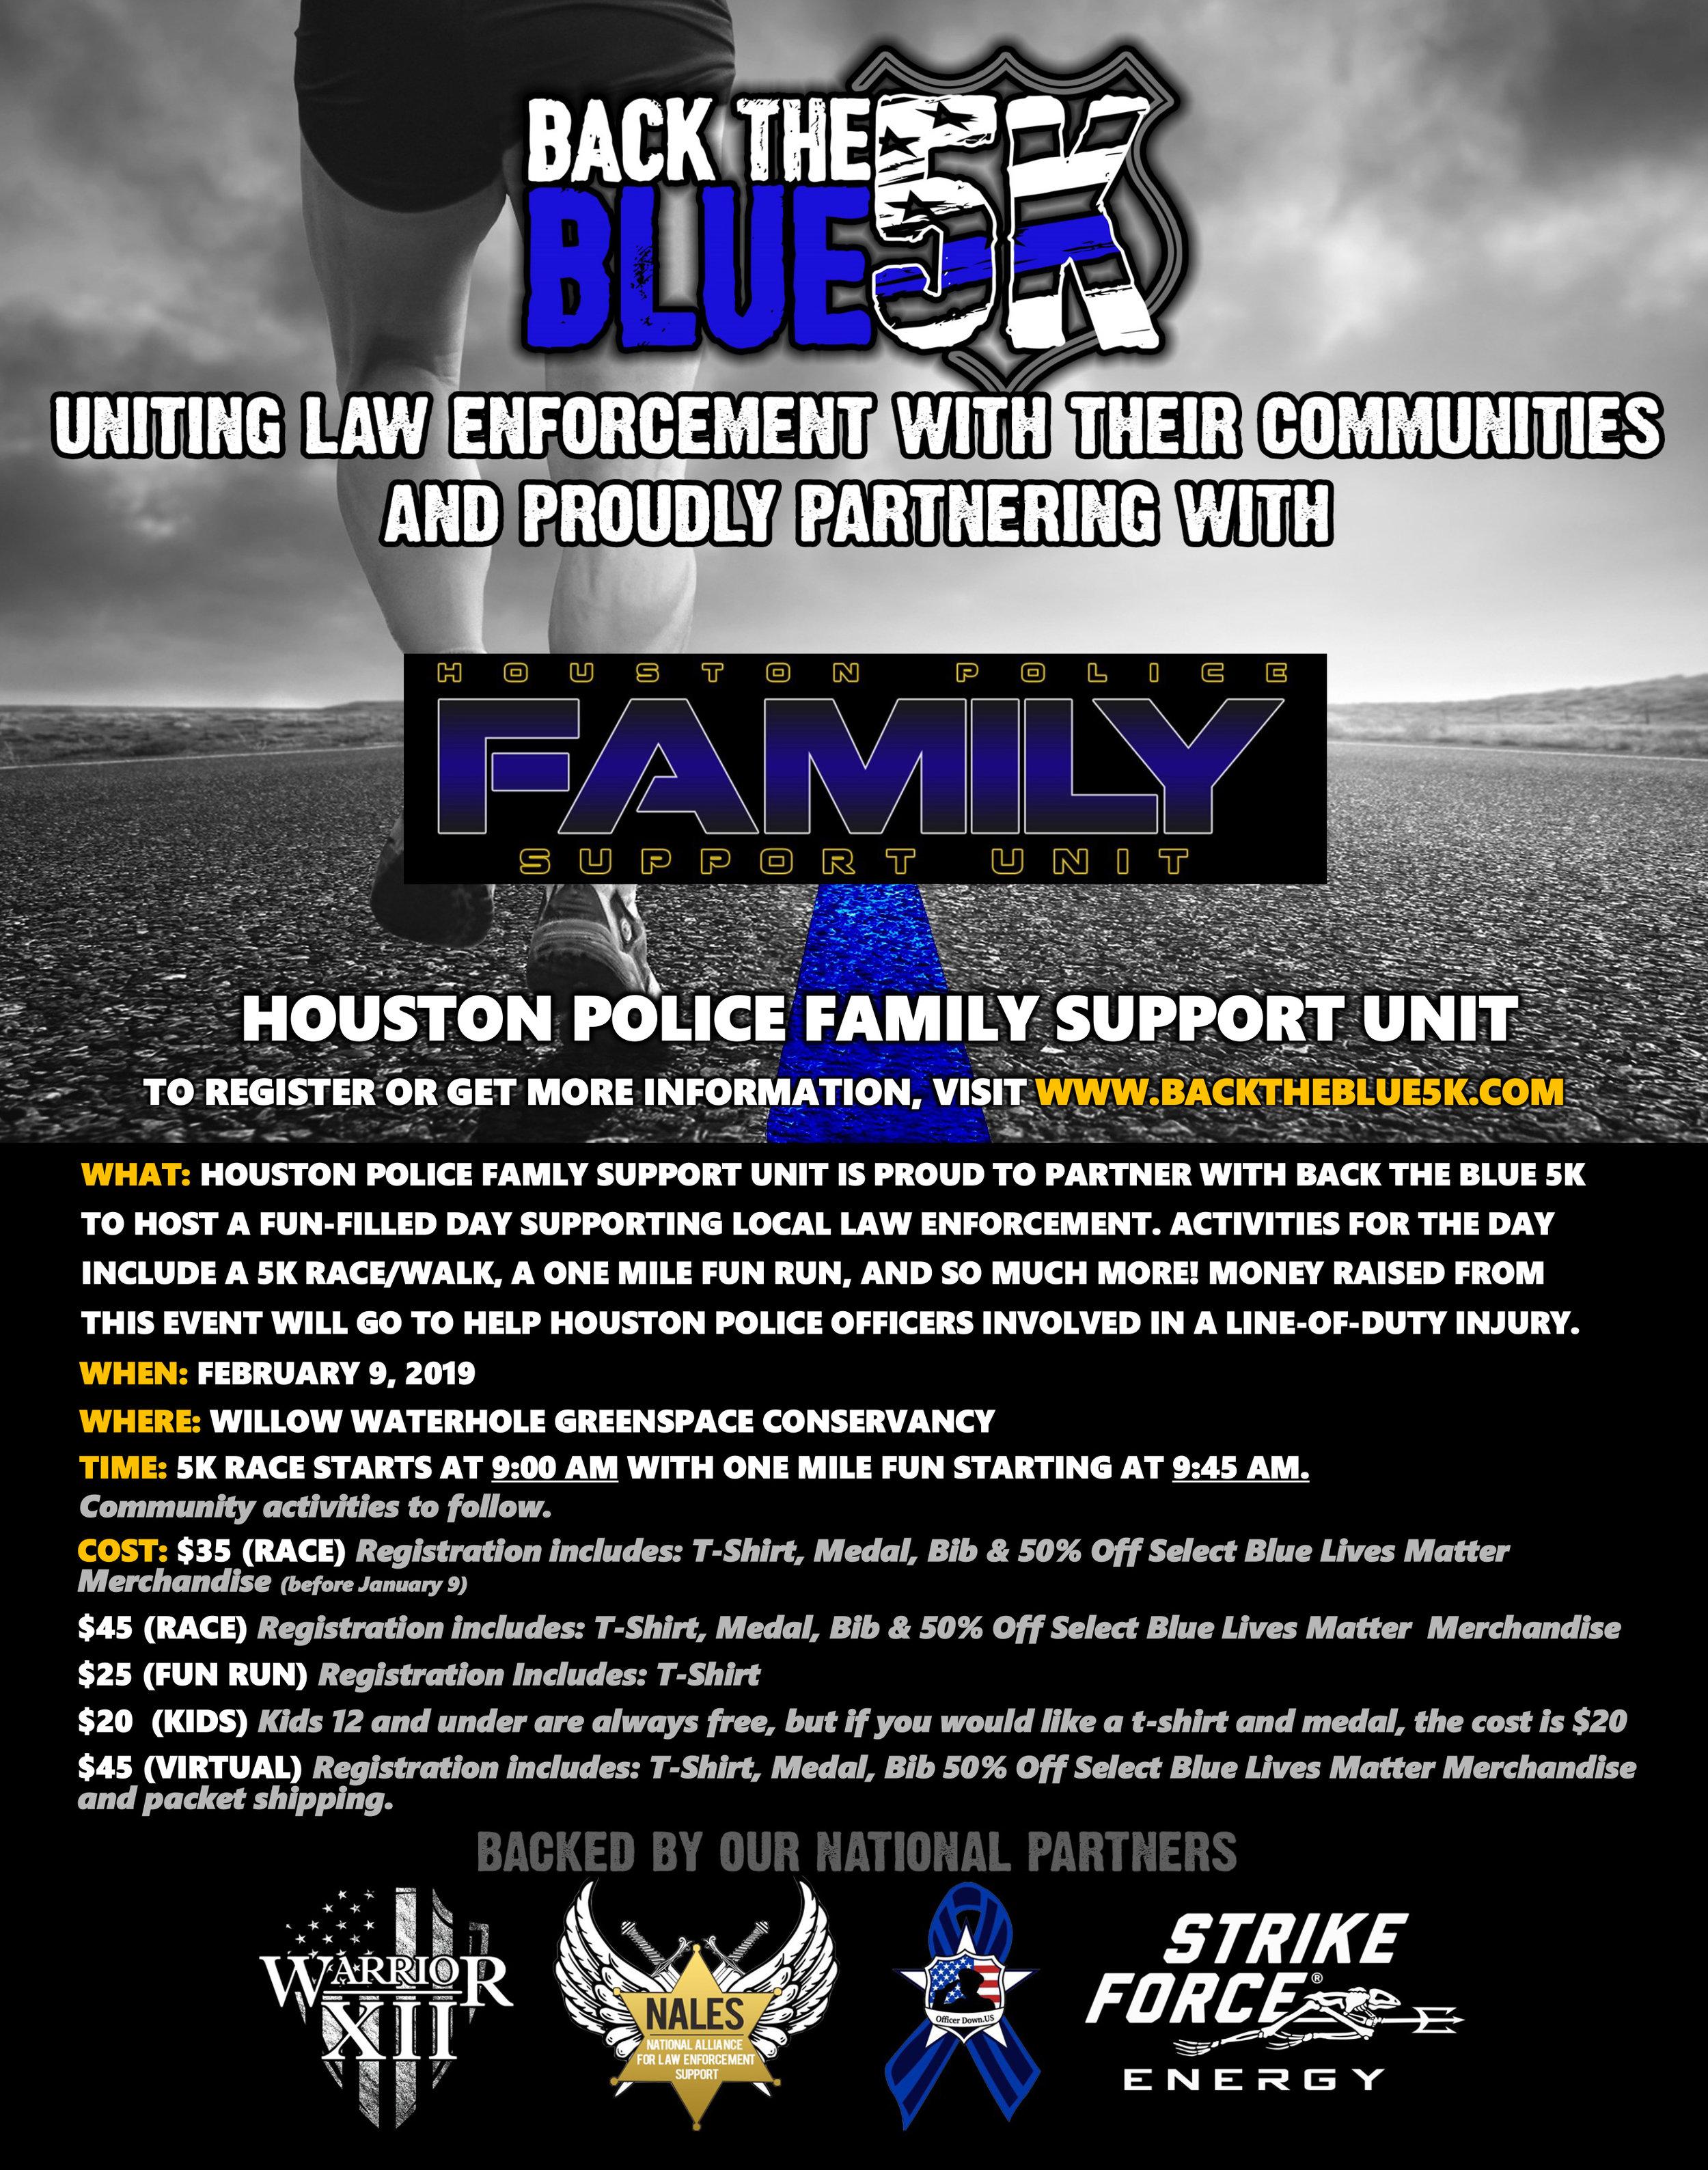 Blue 5k Event Flyer - Houston.jpg